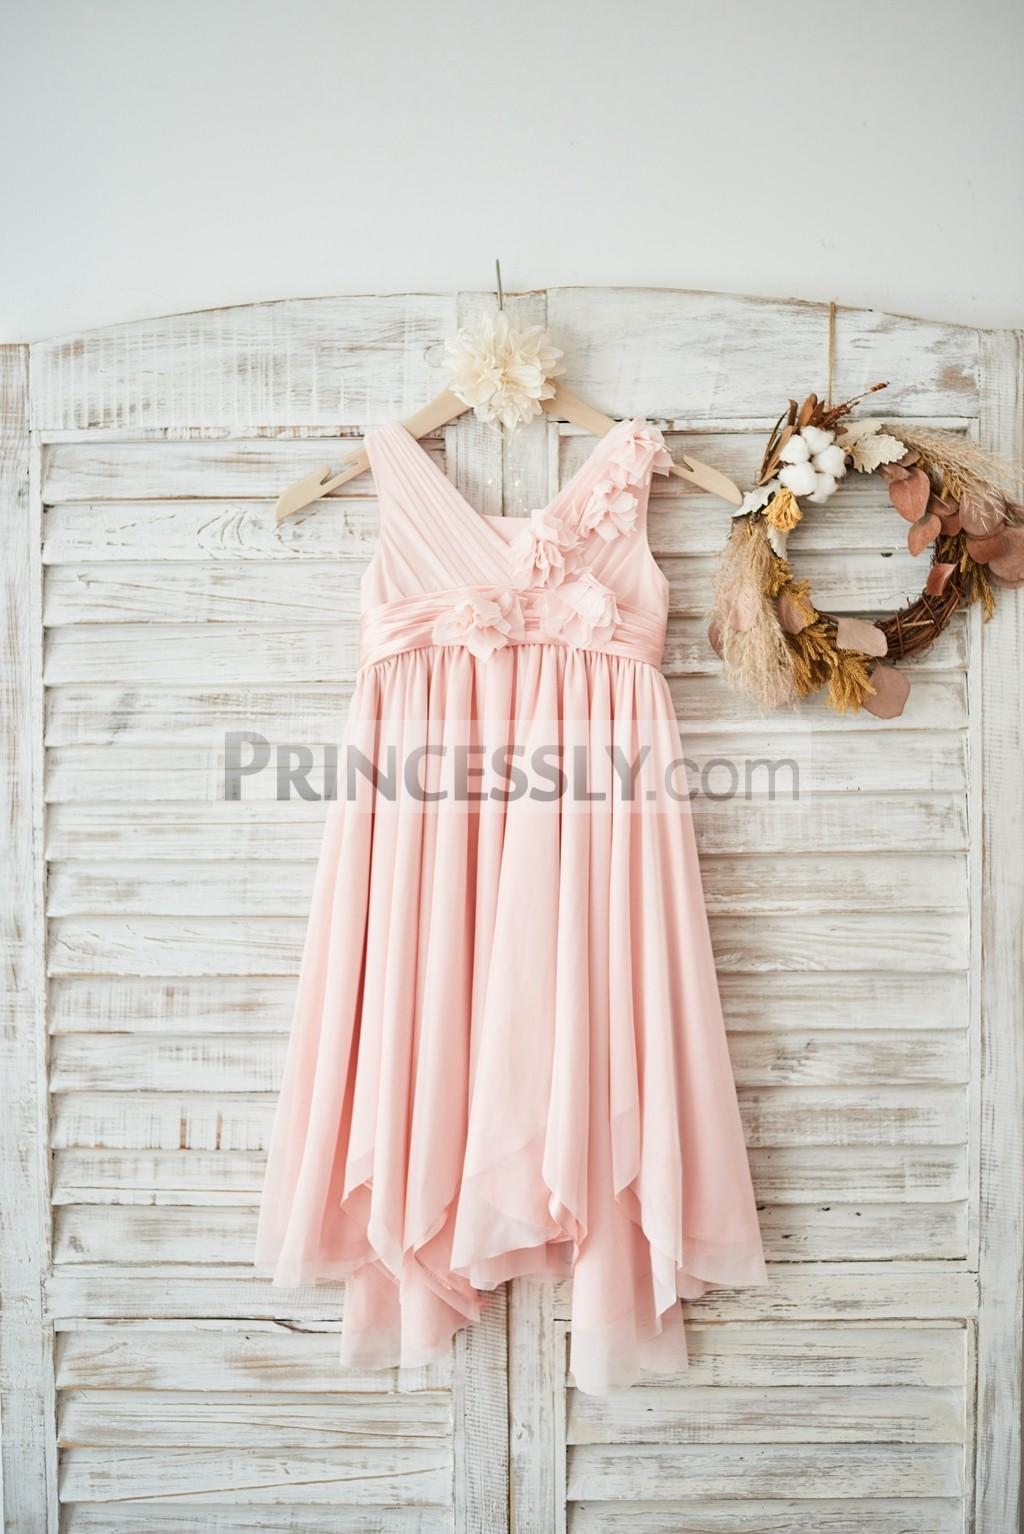 V neck Pleated Blush Pink Tulle Wedding Flower Girl Dress